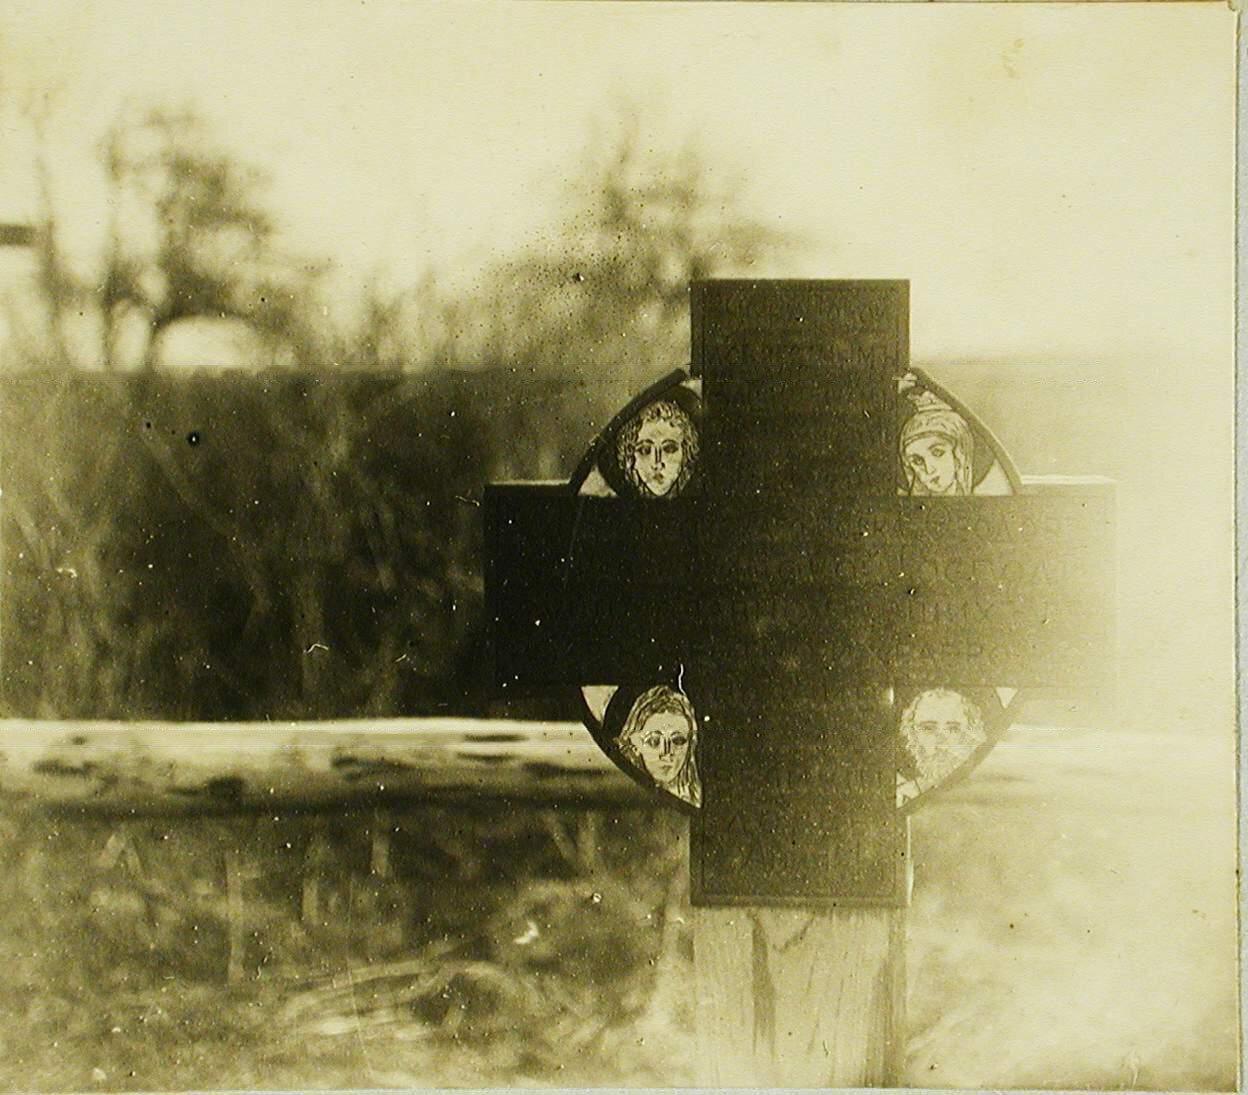 31. Вид второй памятной доски на братском кладбище, где захоронены воины. Галиция, с.Подгайчики